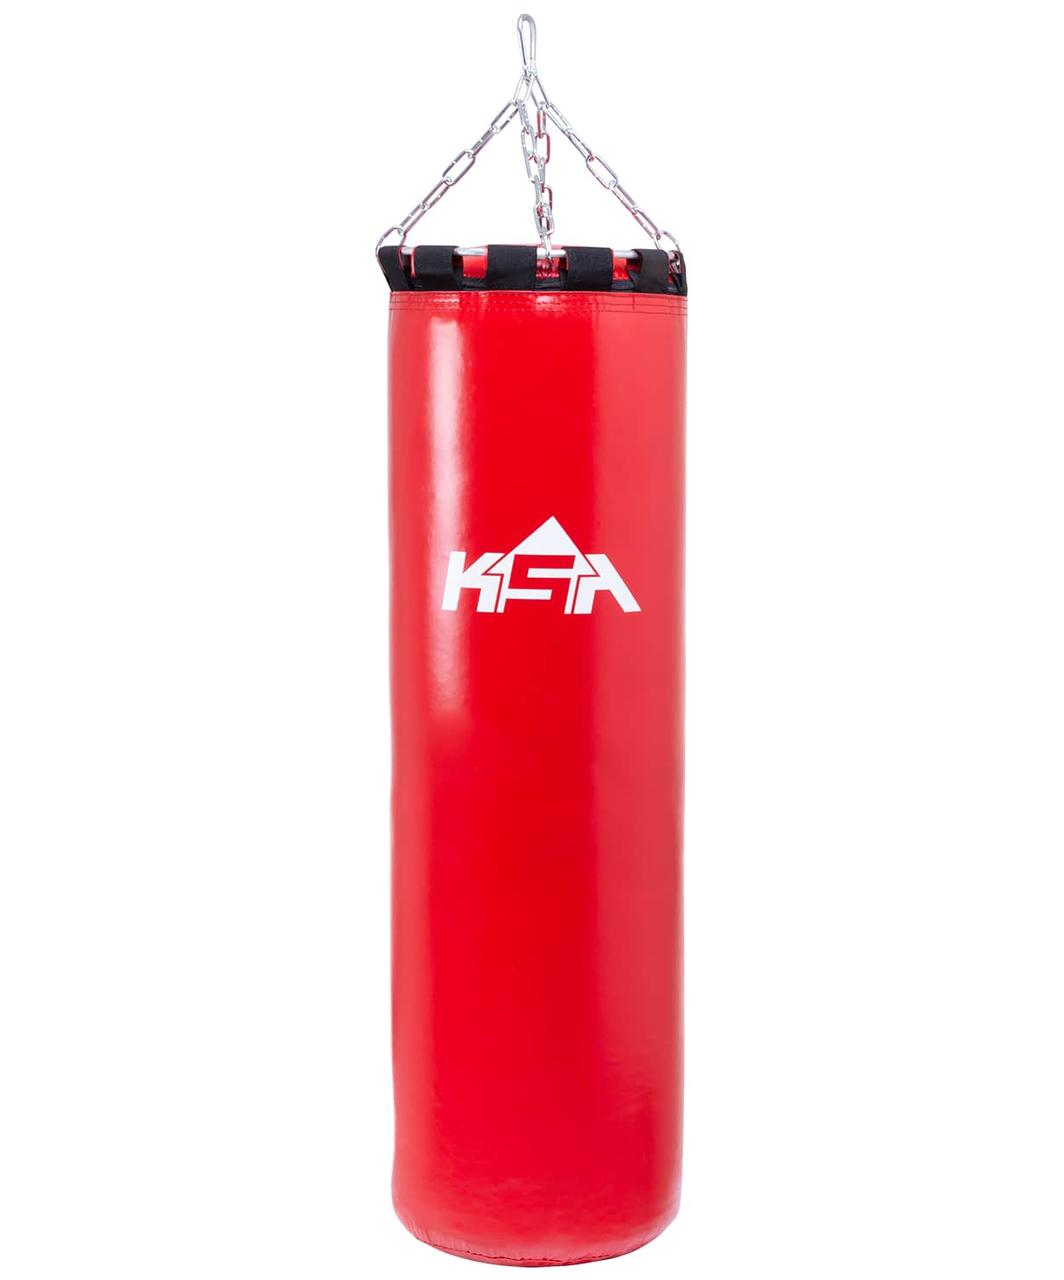 Мешок боксерский PB-01, 90 см, 30 кг, тент, красный KSA